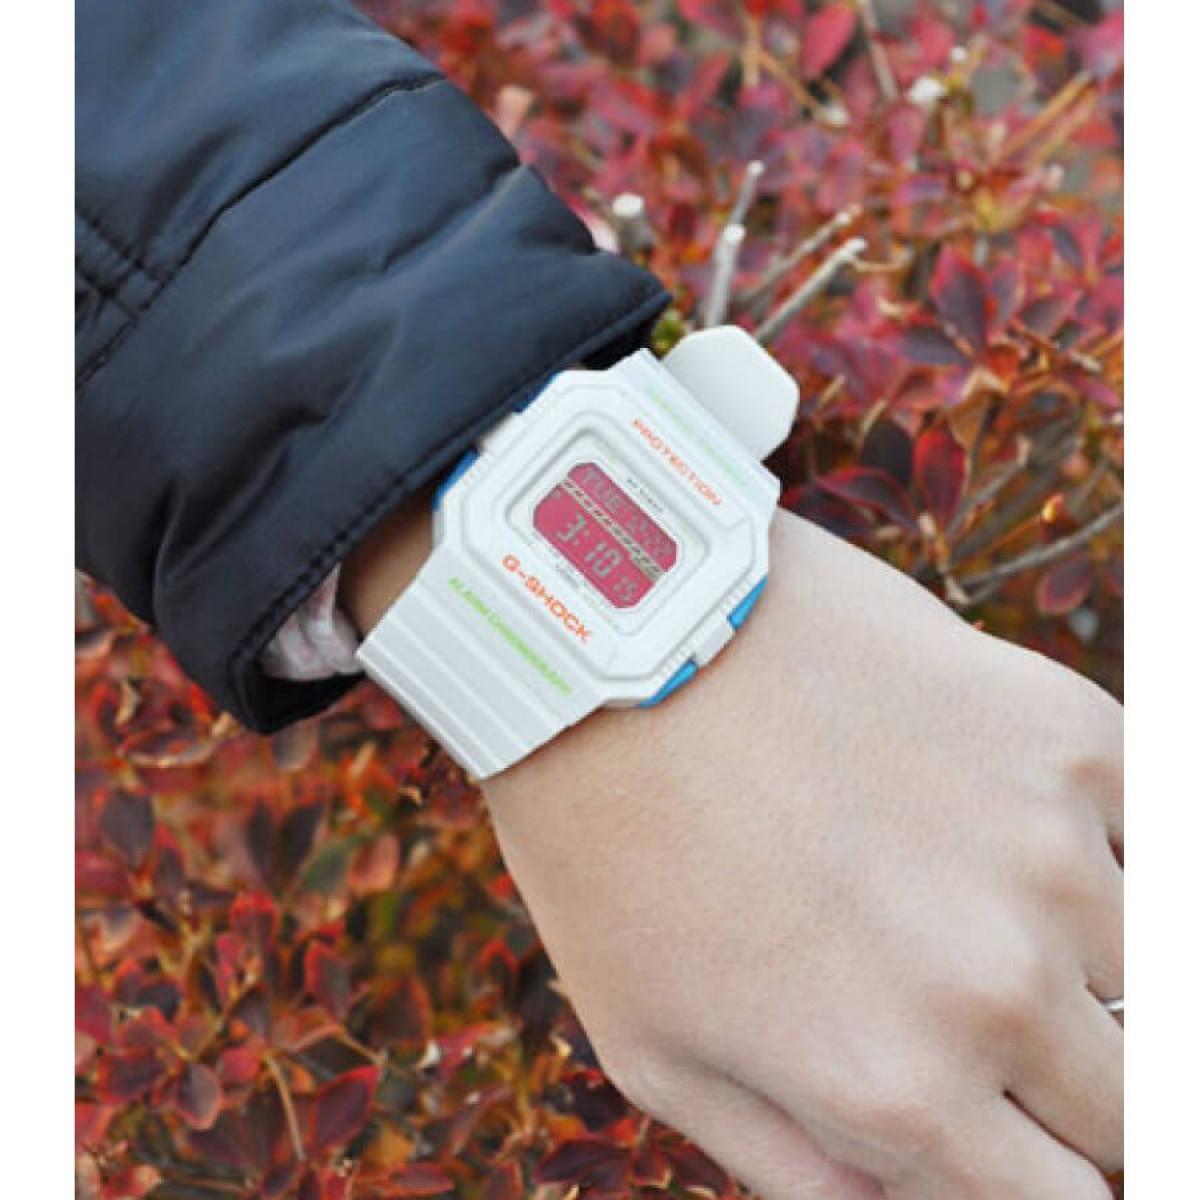 Часовник Casio G-Shock GLS-5500P-7ER